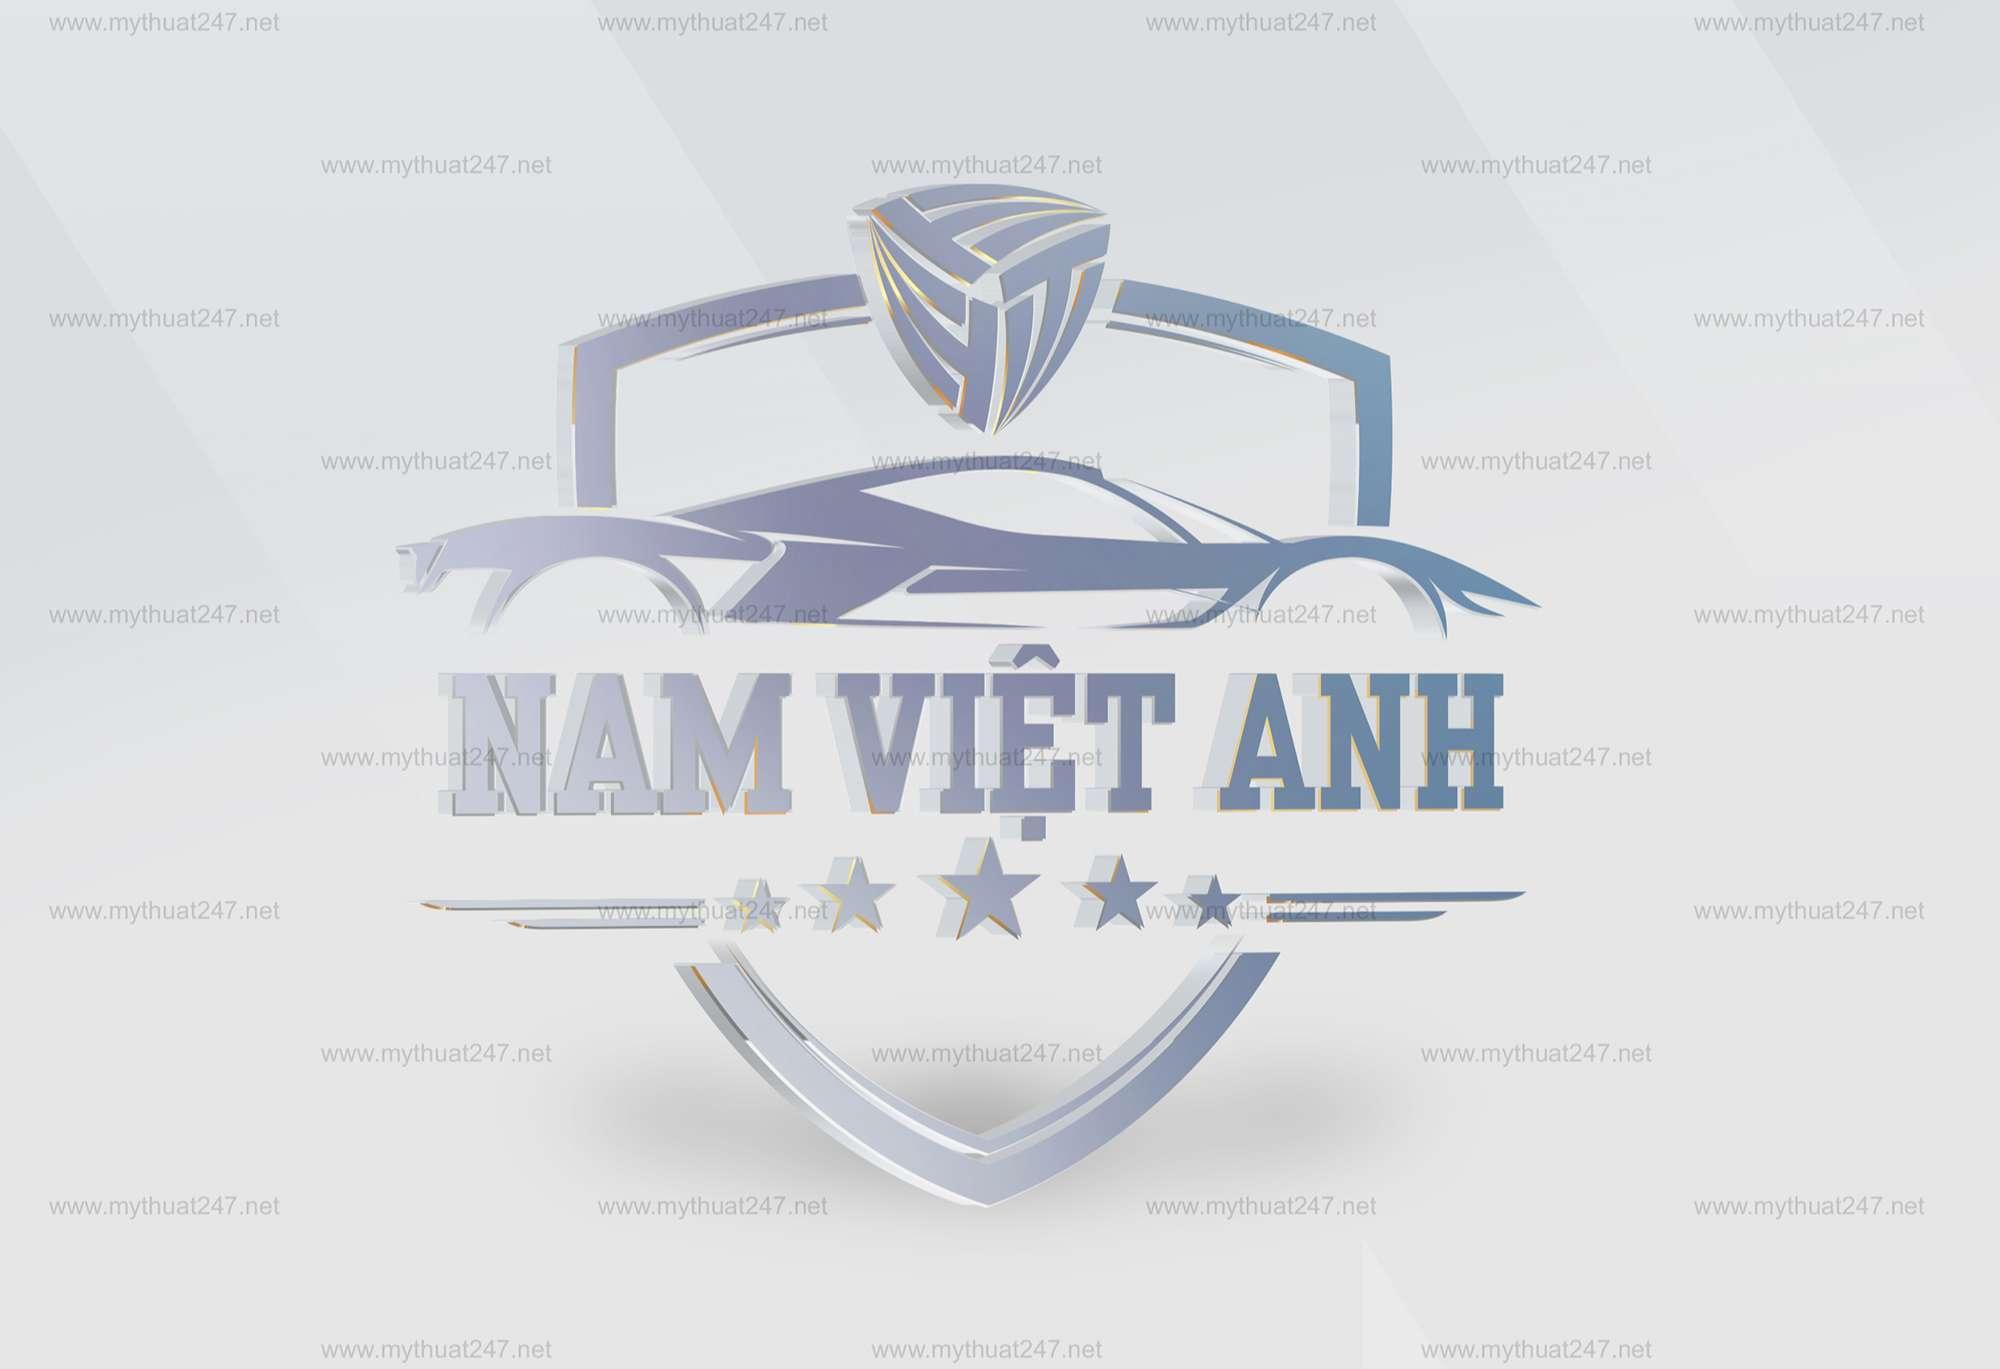 Thiết kế logo công ty cổ phần ô tô nam việt anh